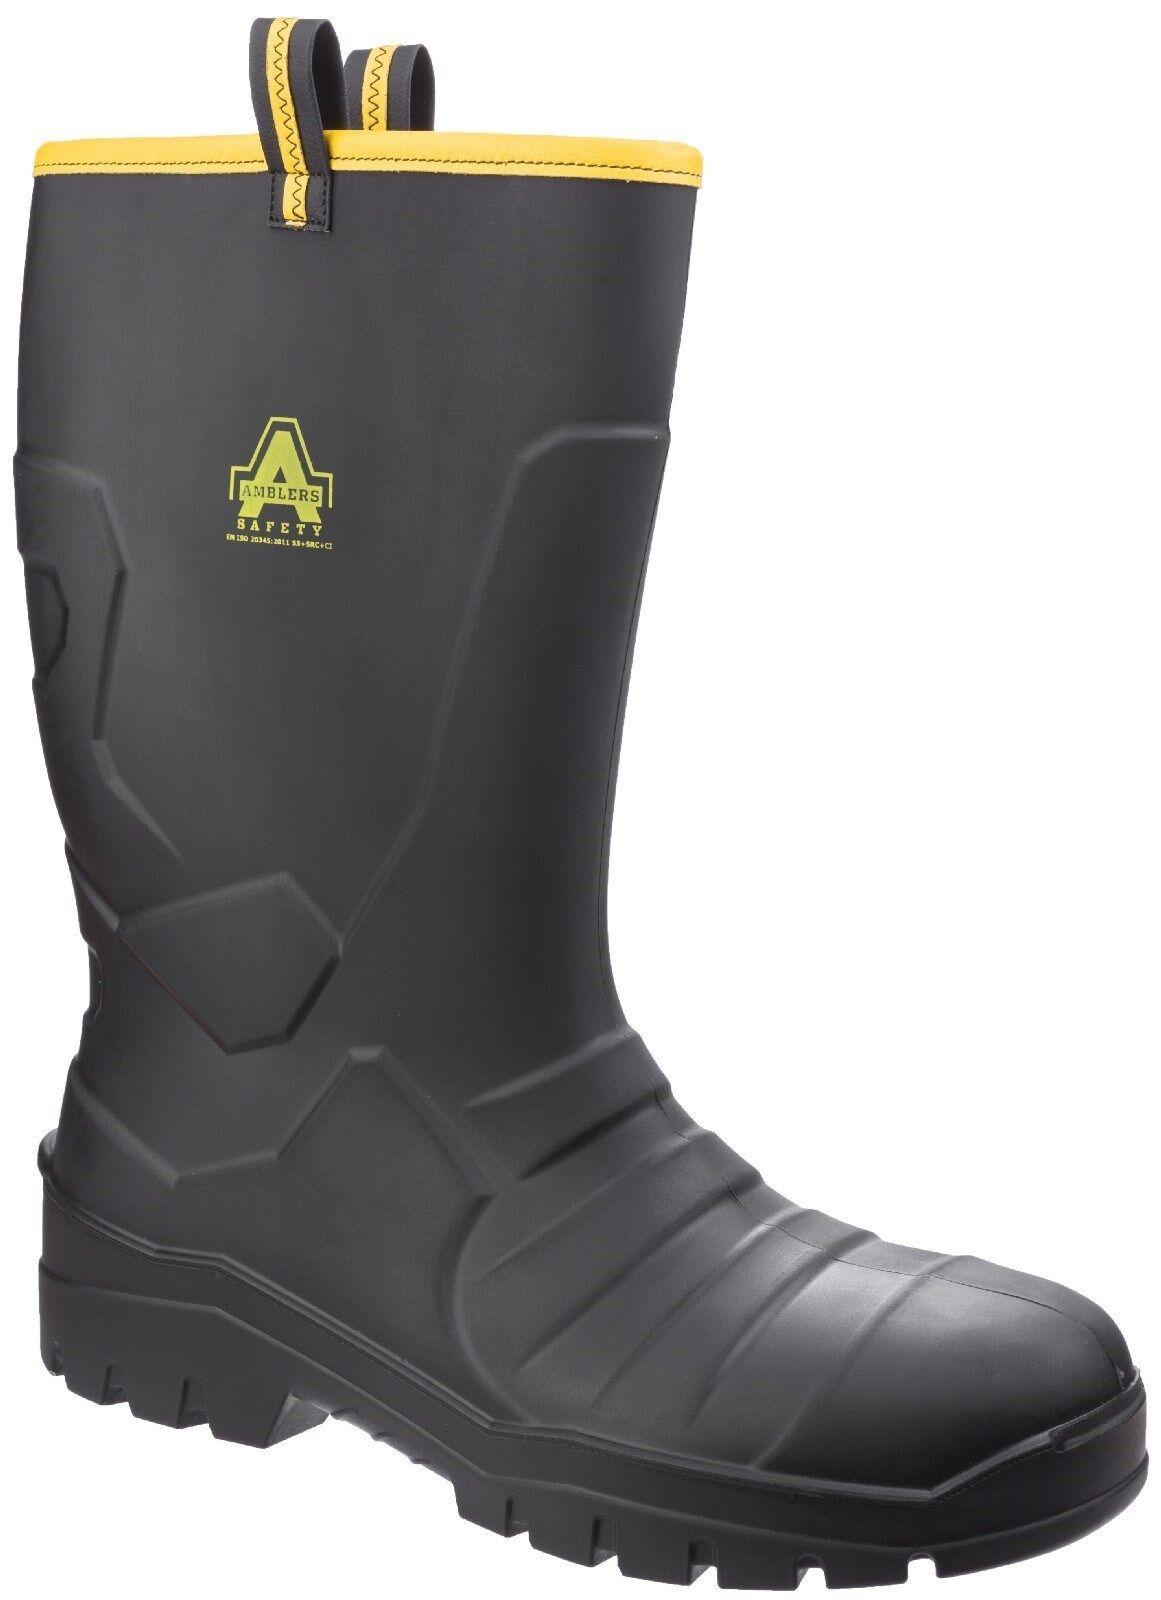 Amblers AS1008 Seguridad Puntera De Acero Para Hombre Wellingtons Wellies botas De Trabajo